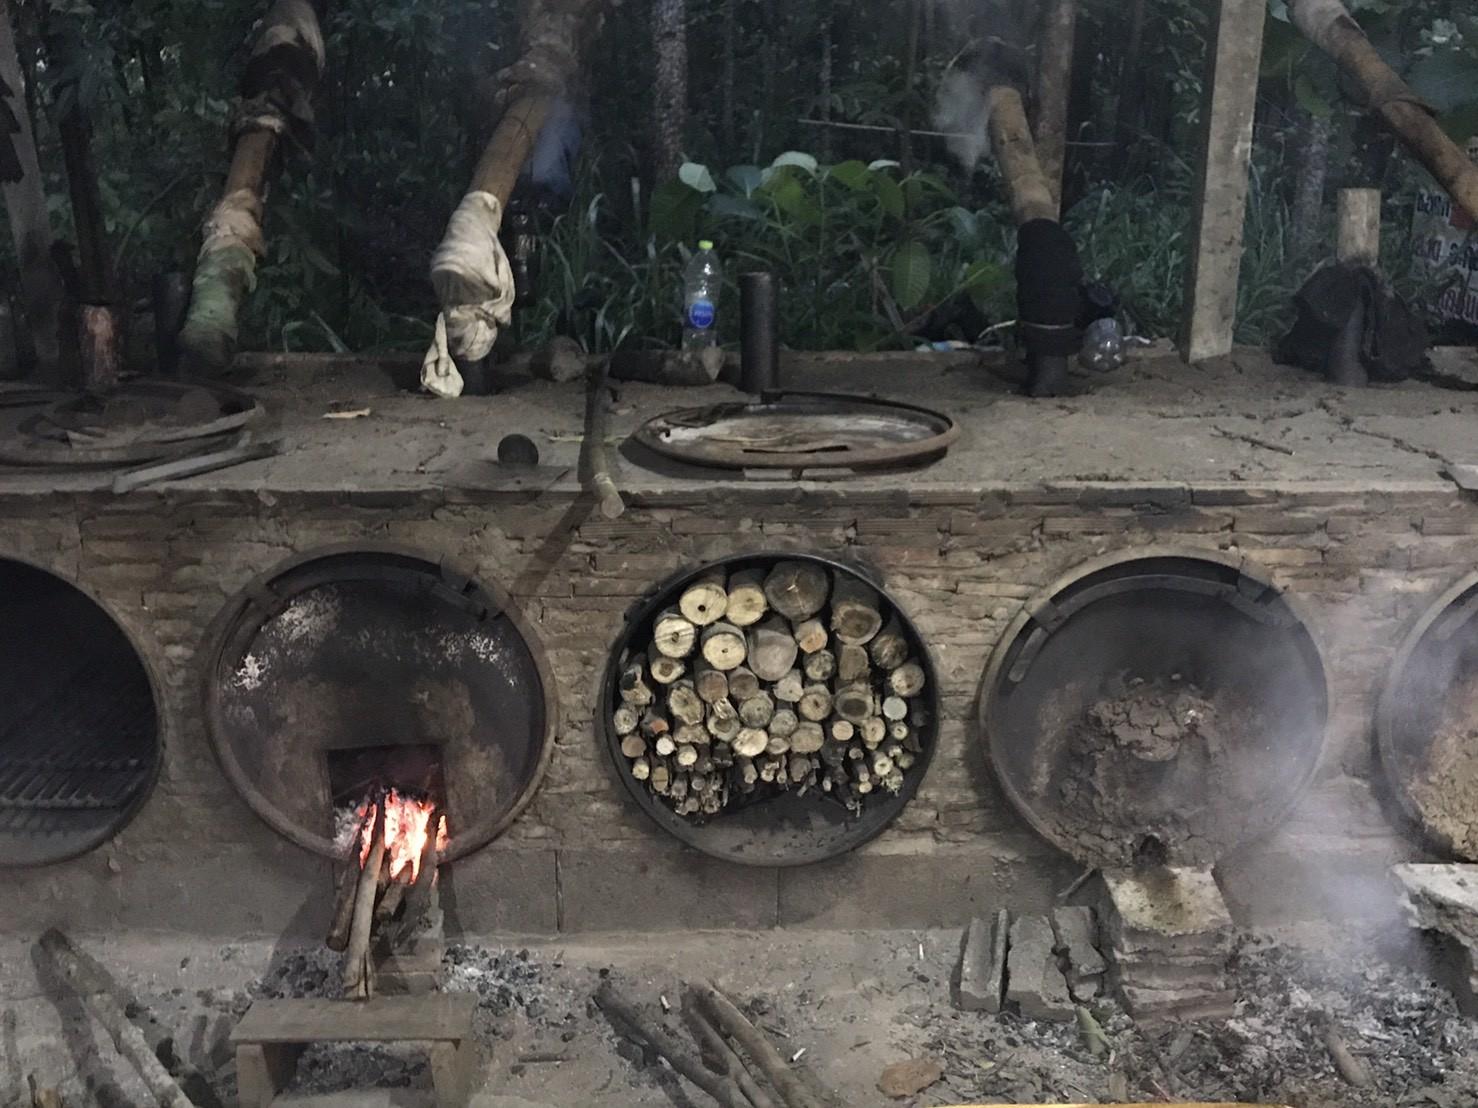 ปลูกป่า … หลังเกษียณมีเงินใช้จาก 'ต้นไม้' แค่เป็นส่วนหนึ่งดูแลโลก … สุขก็ล้นเหลือ